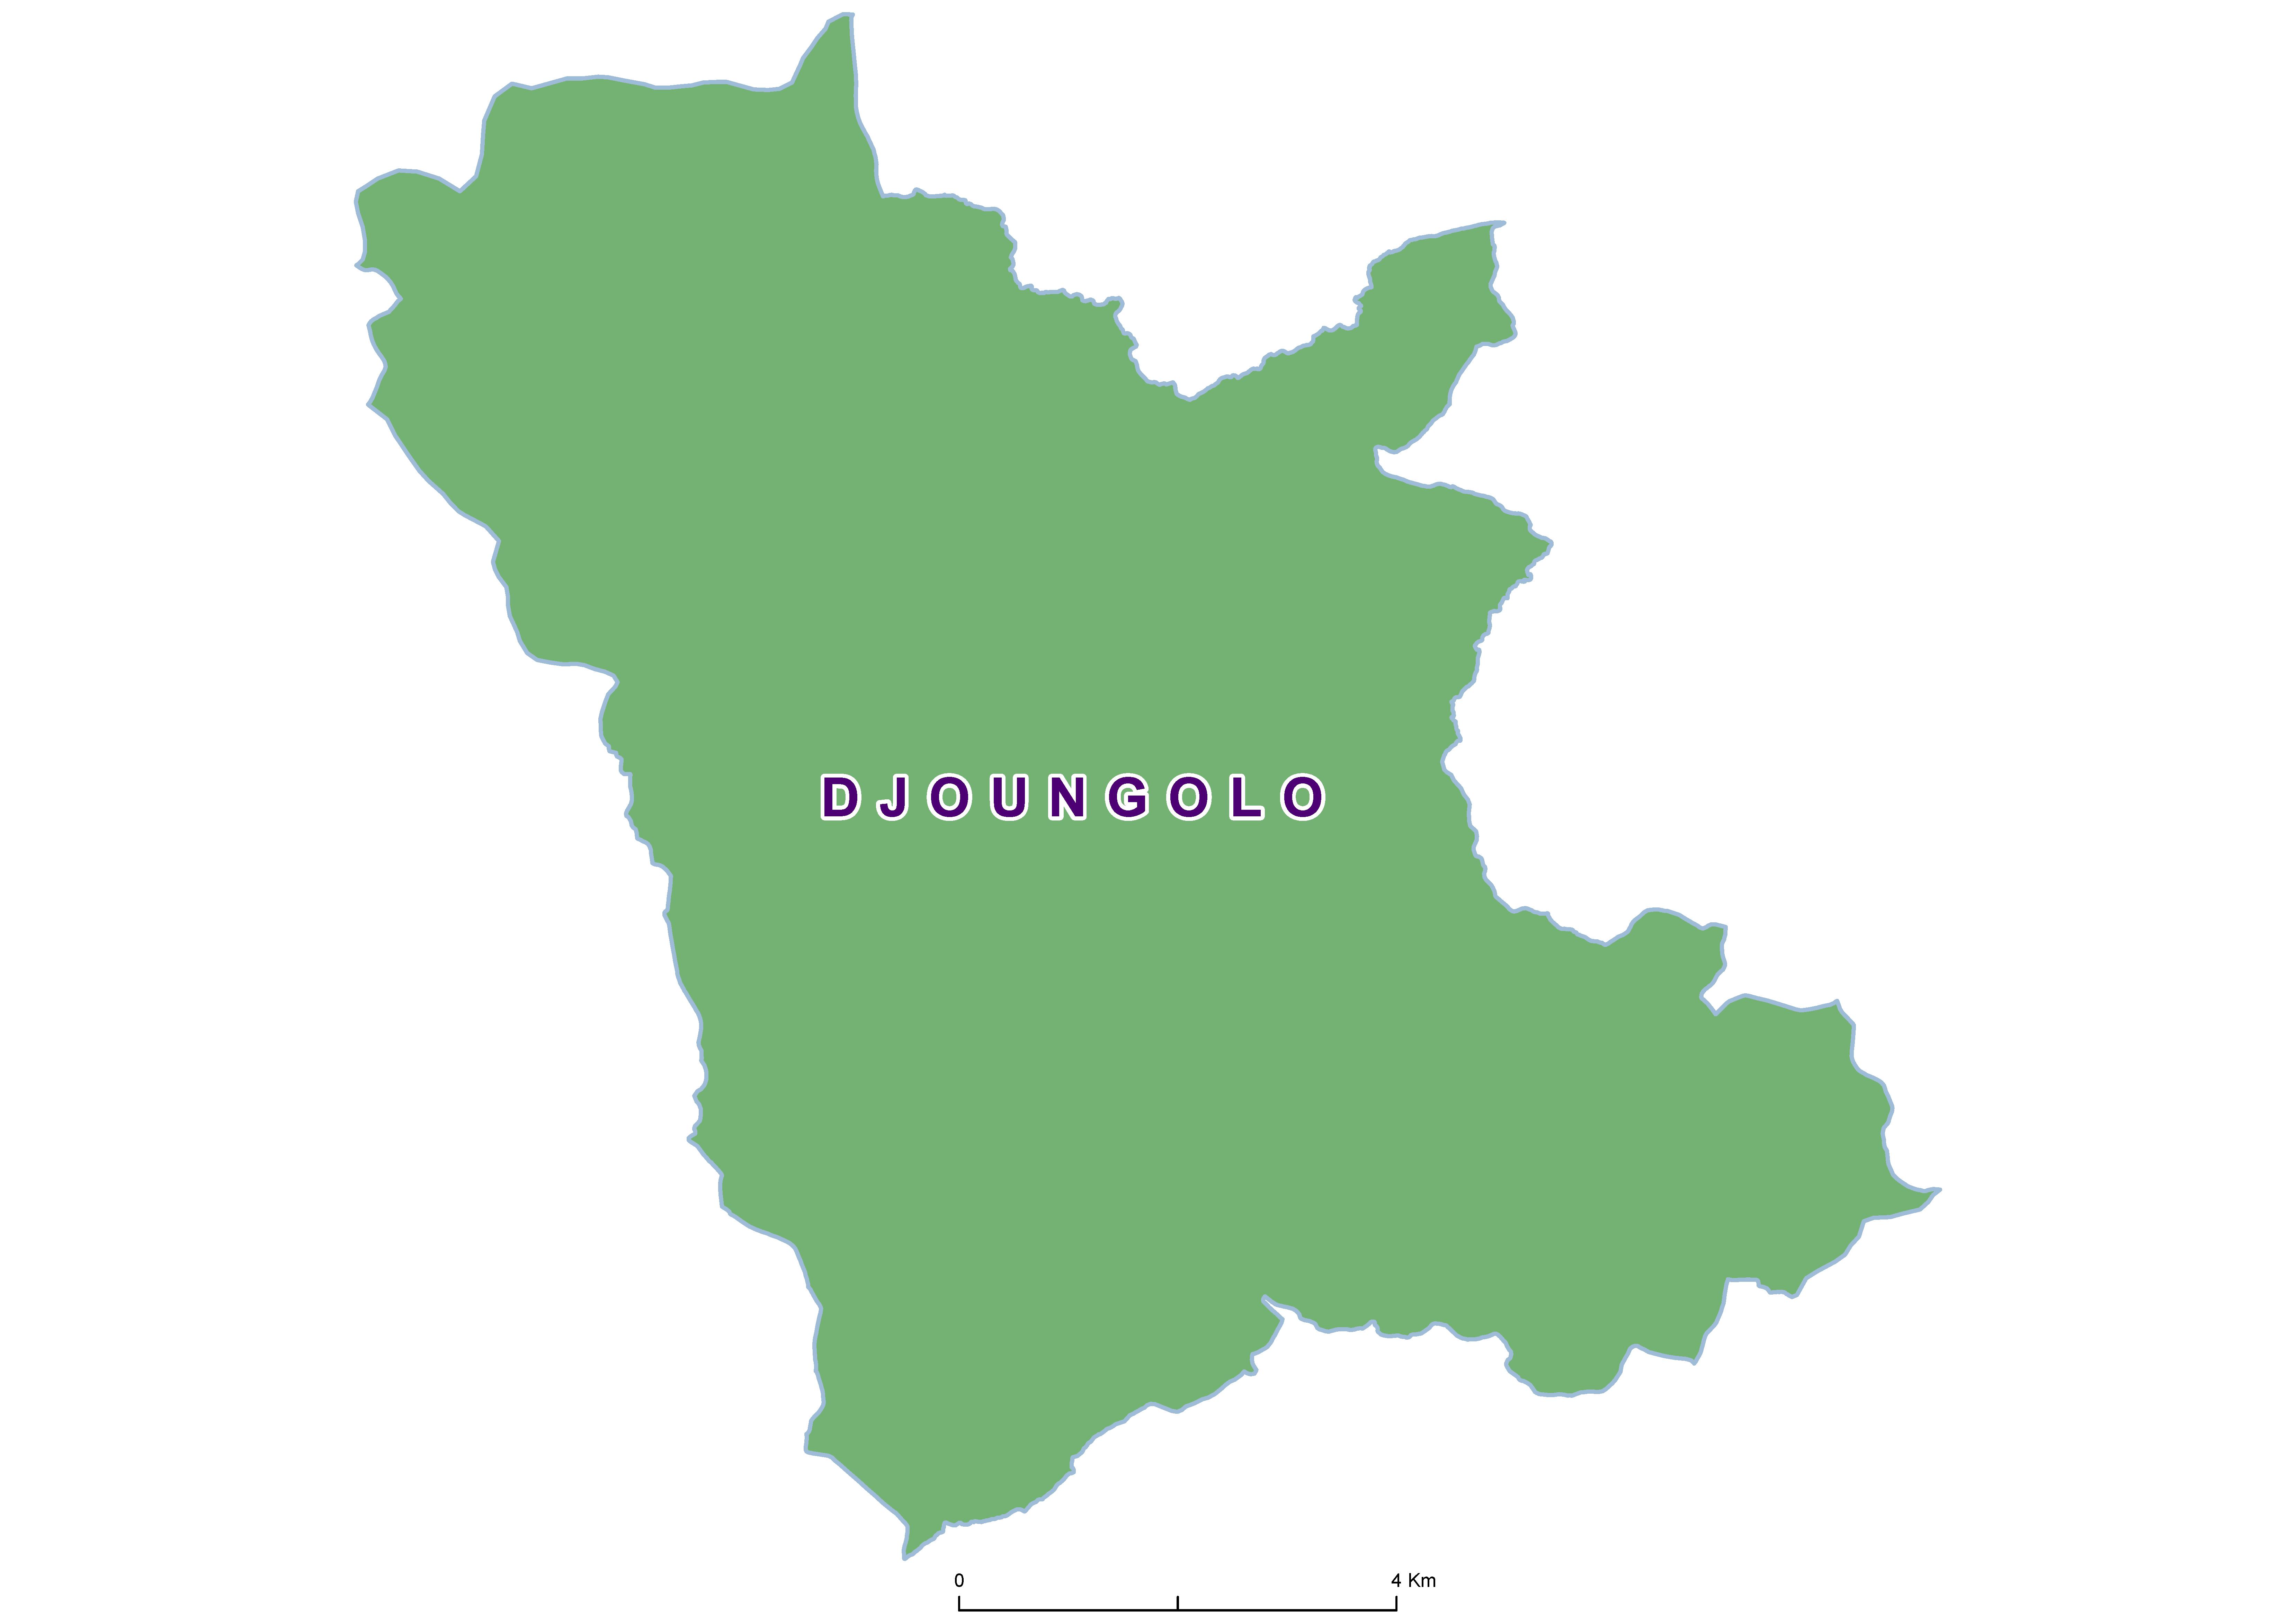 Djoungolo Mean SCH 19850001